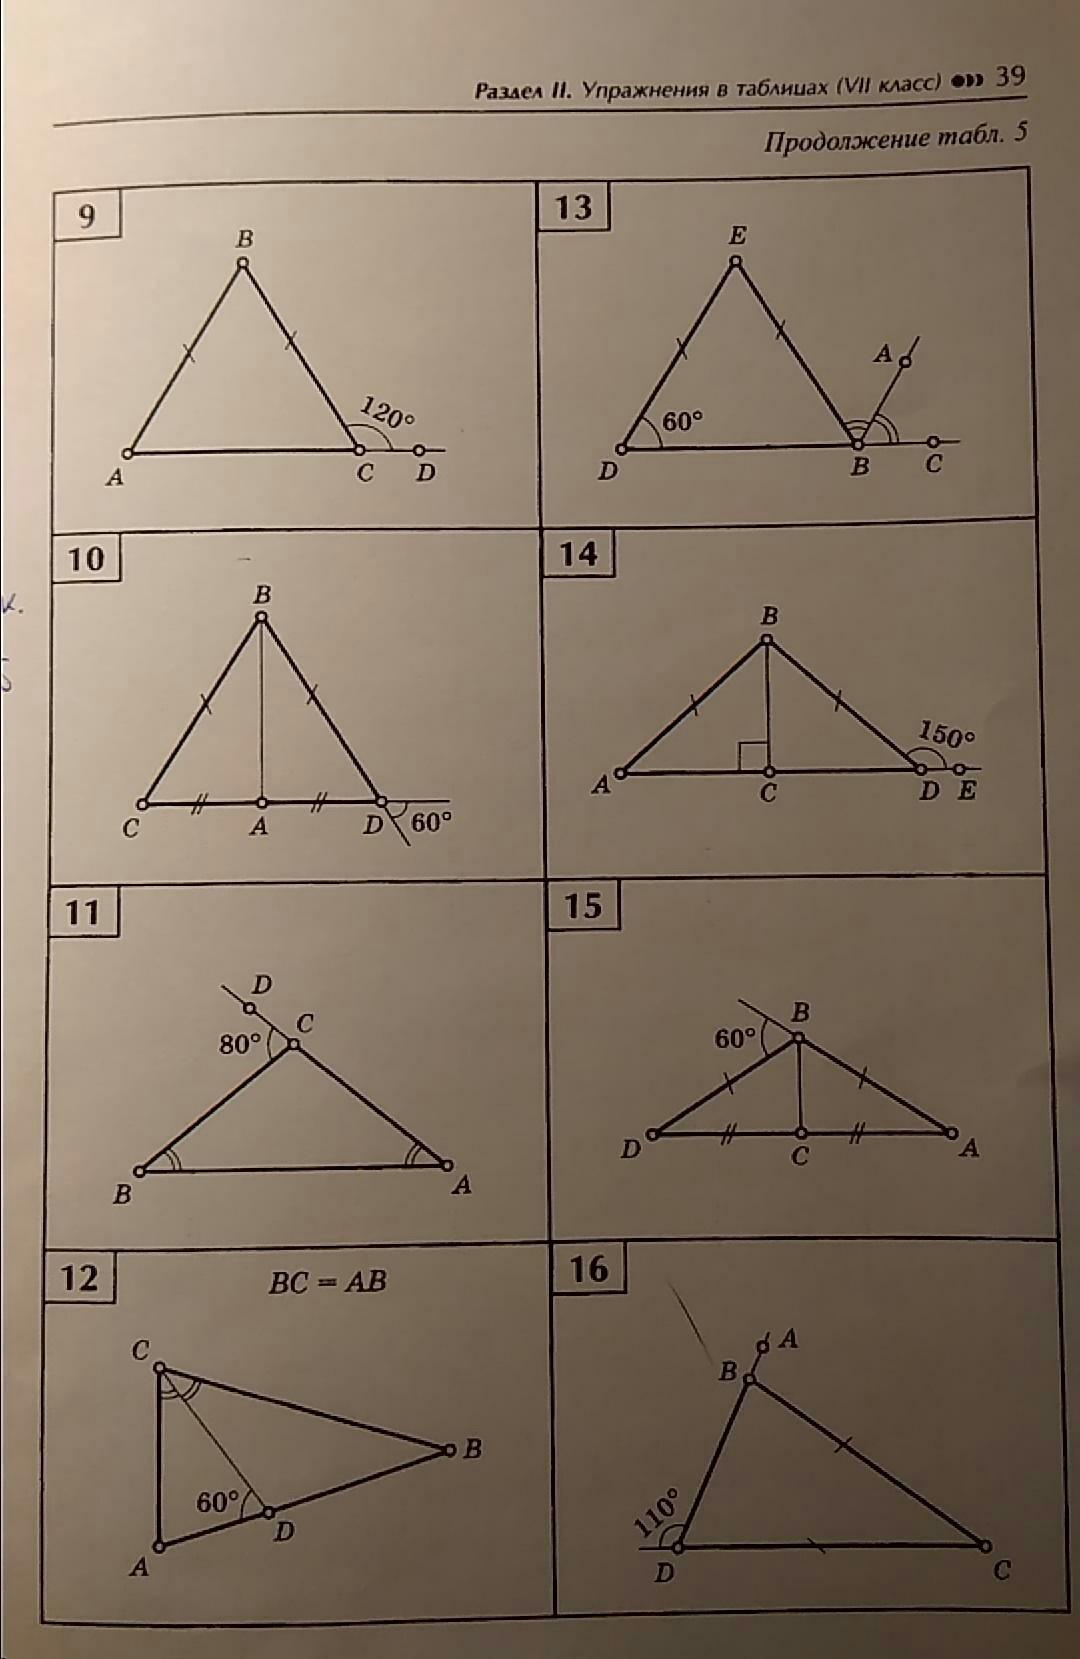 Как решить задачи с равнобедренными треугольниками задачи в паскале с решением графика